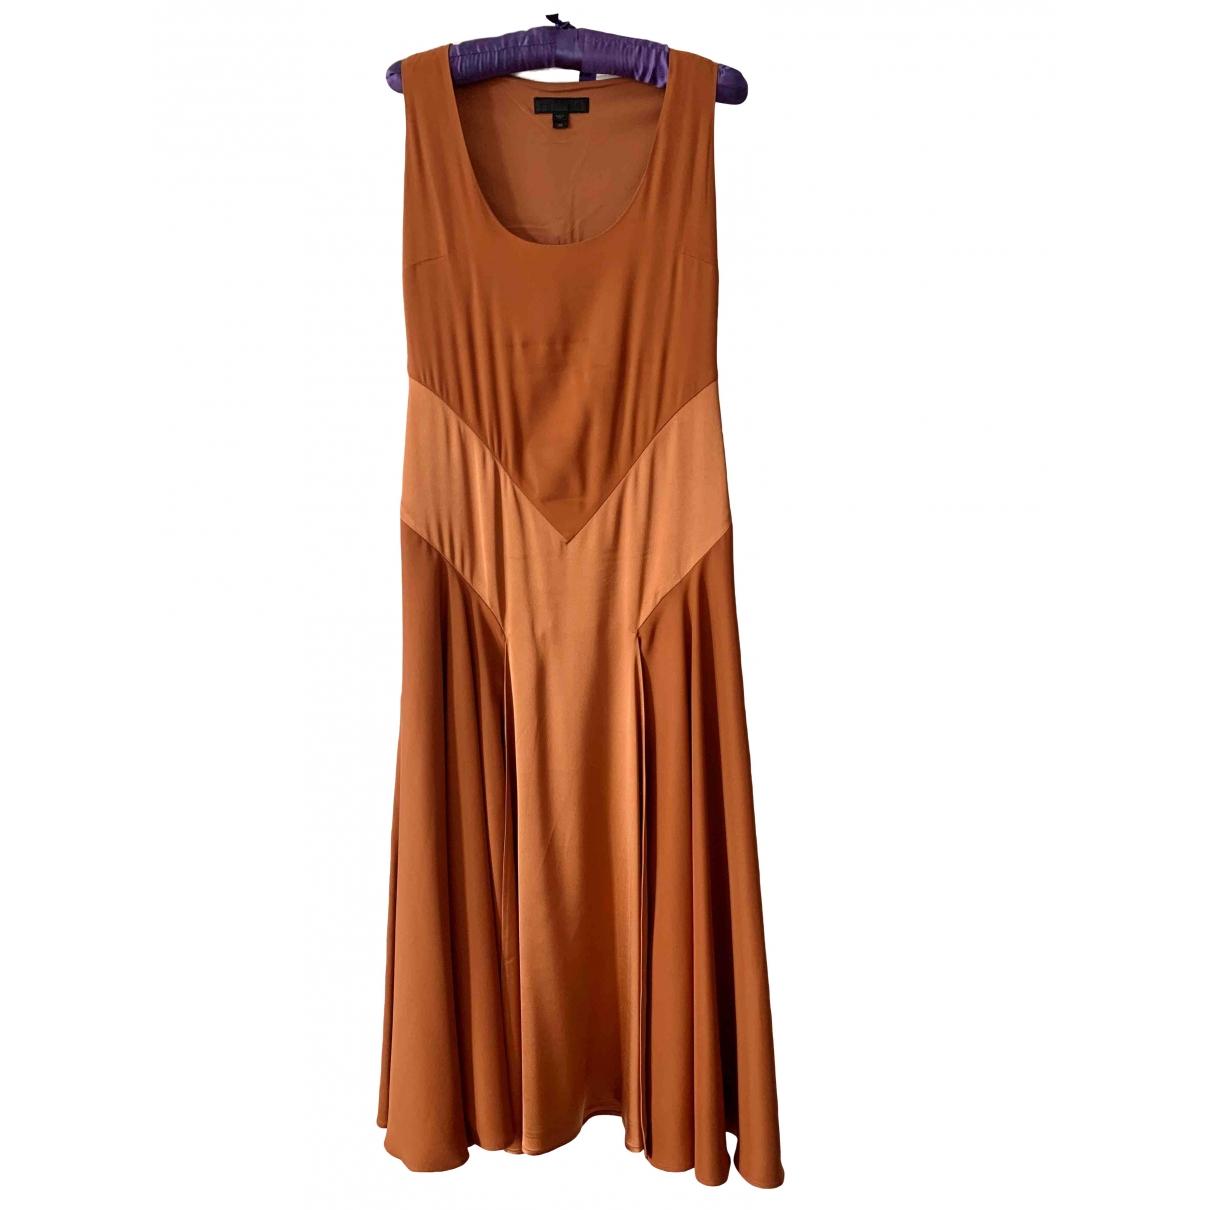 Burberry \N Orange Silk dress for Women 38 IT